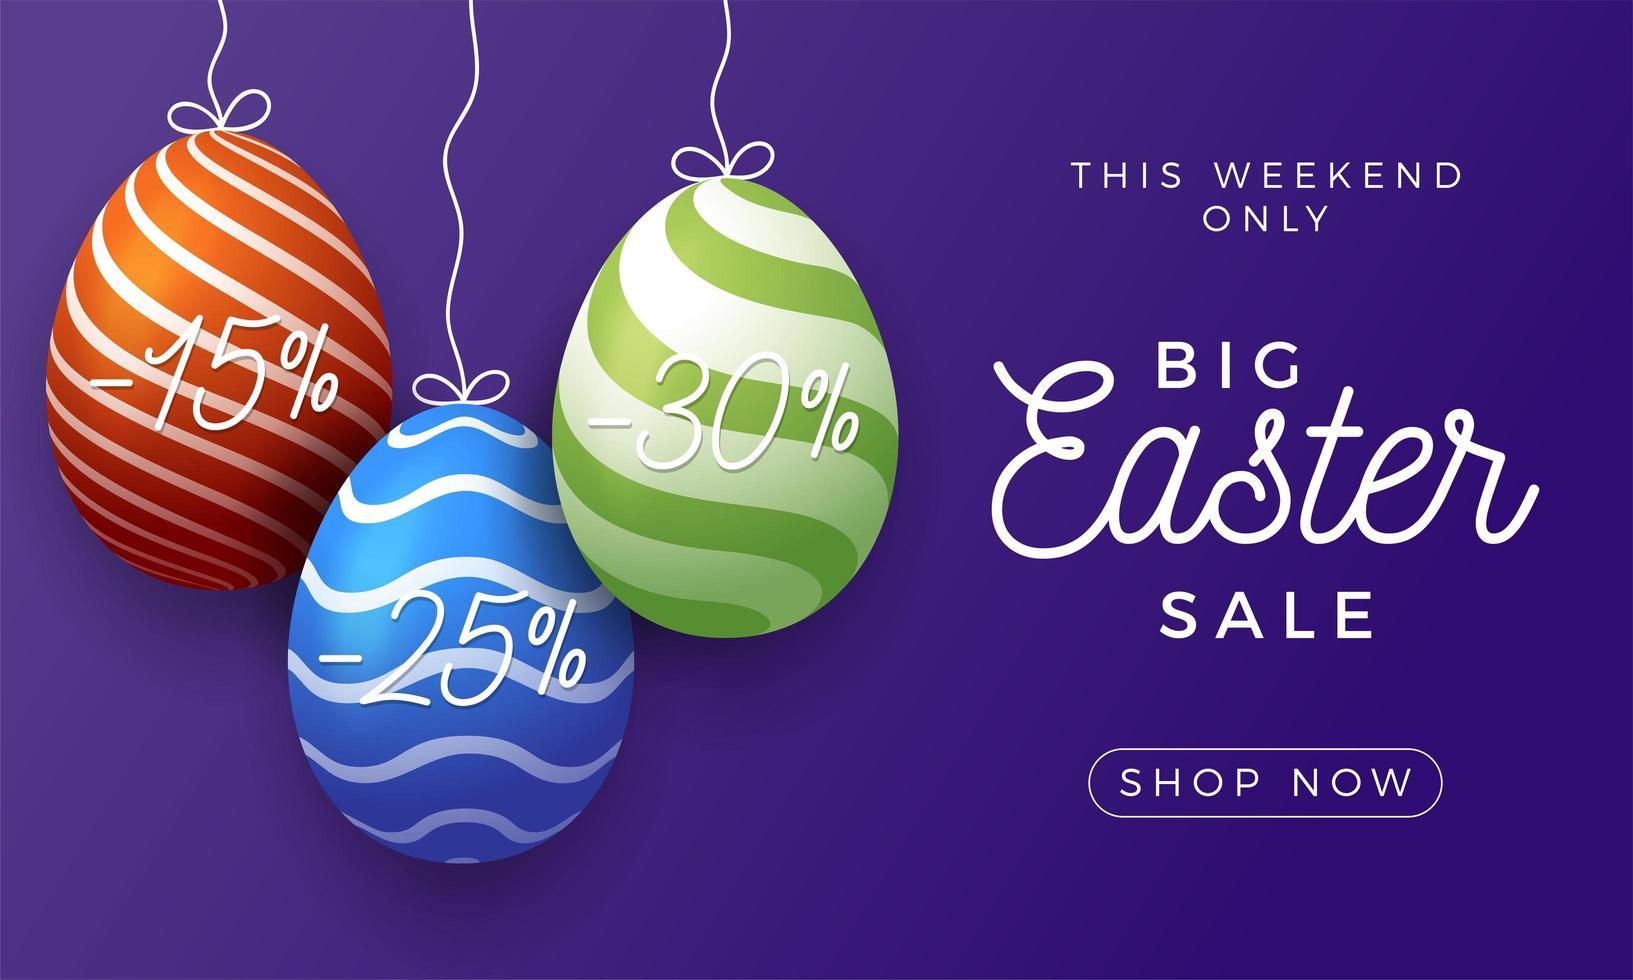 easter-egg-sale-horizontal-banner-vector.jpg